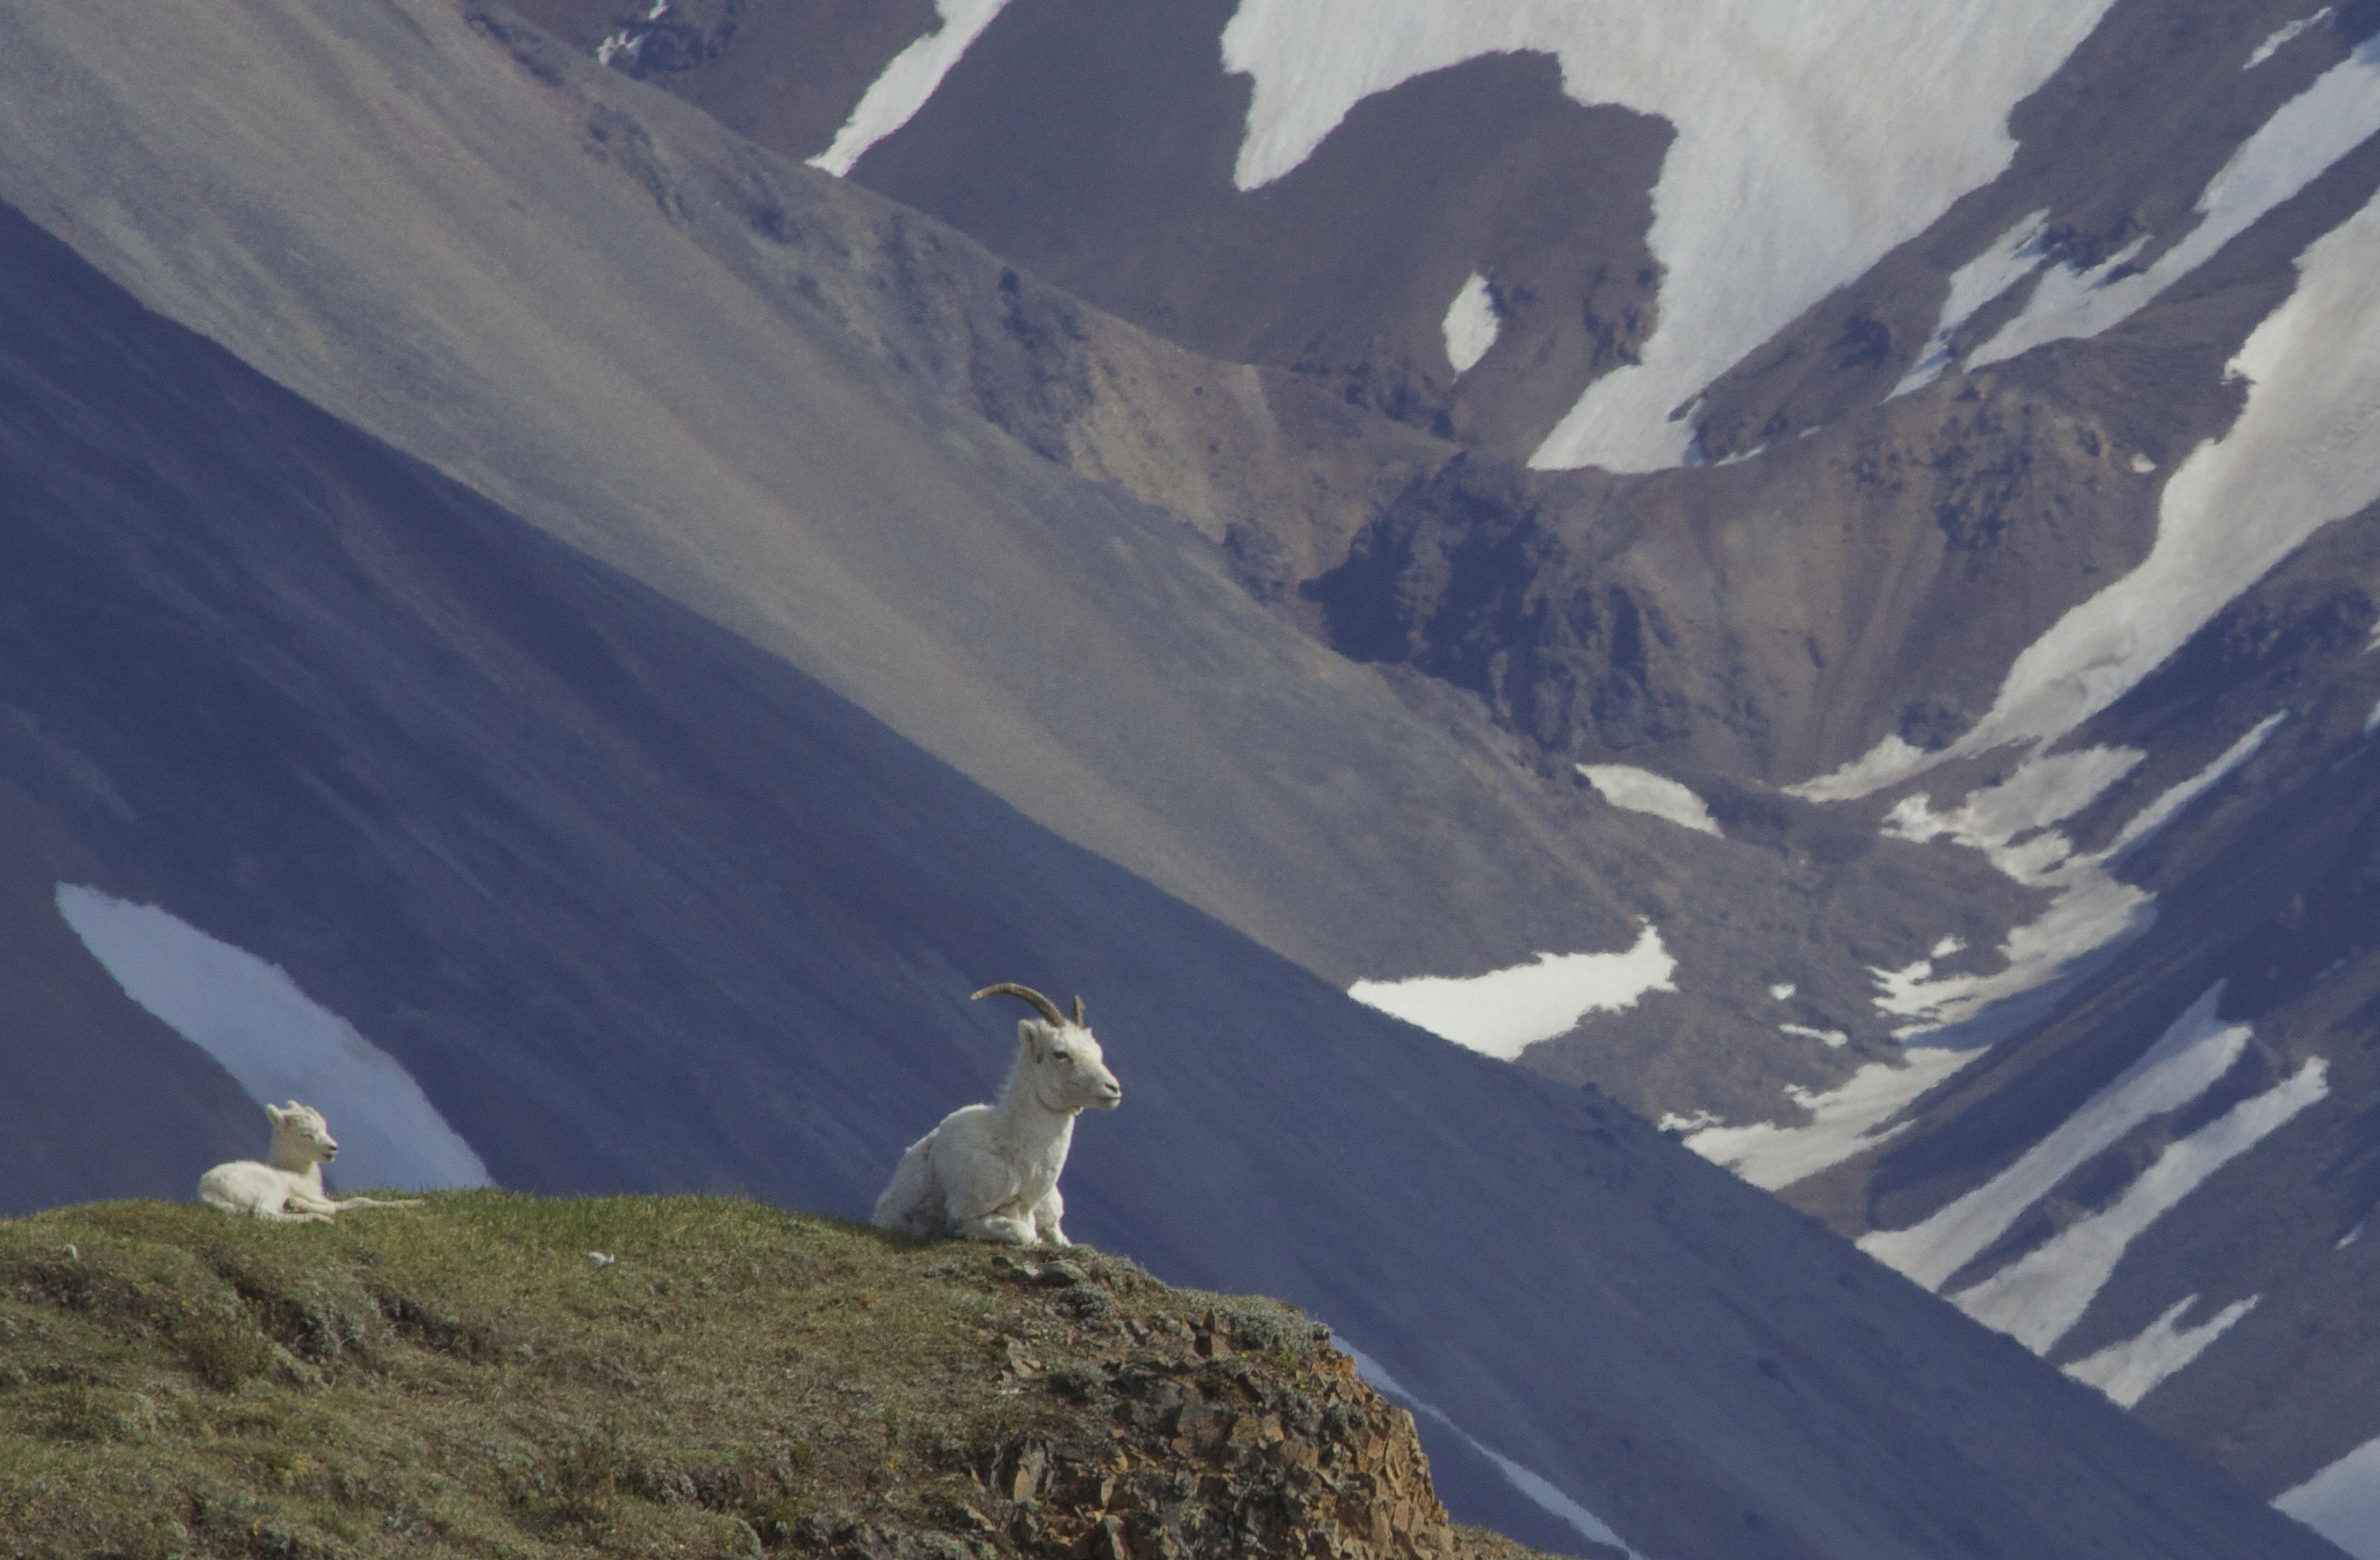 Alaskan Mammals